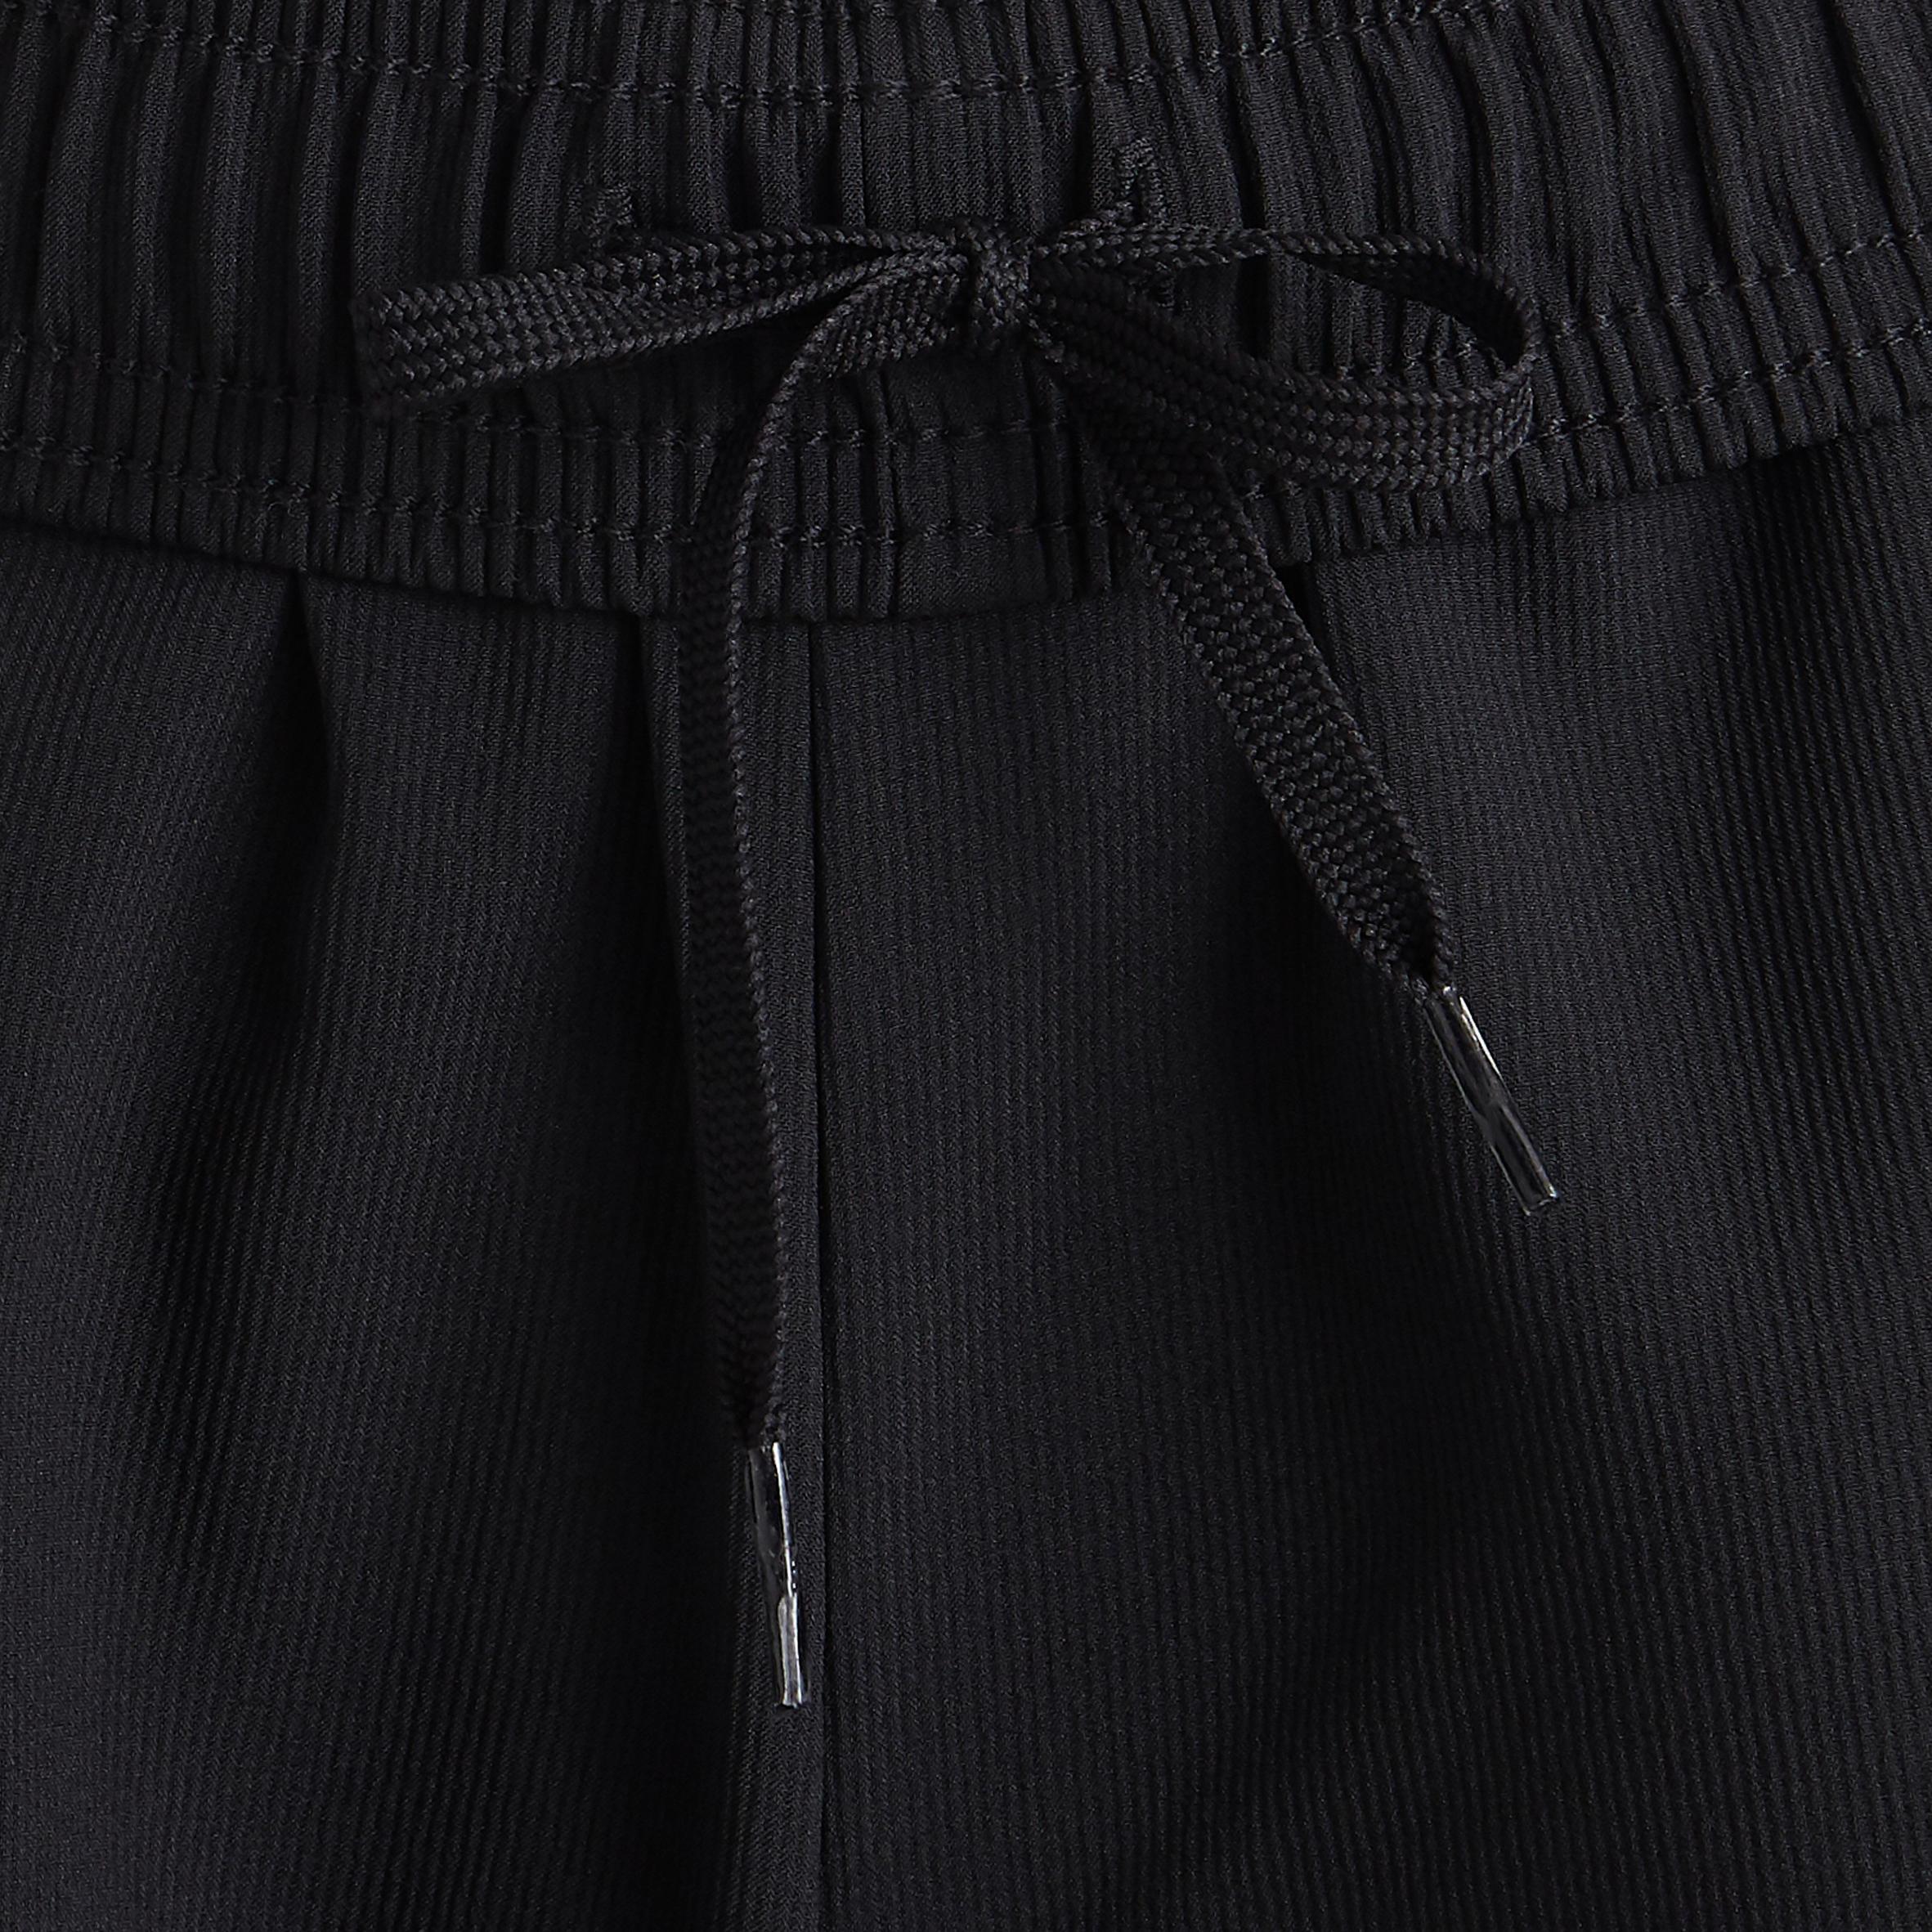 pantaloni adidas bambino 14 anni